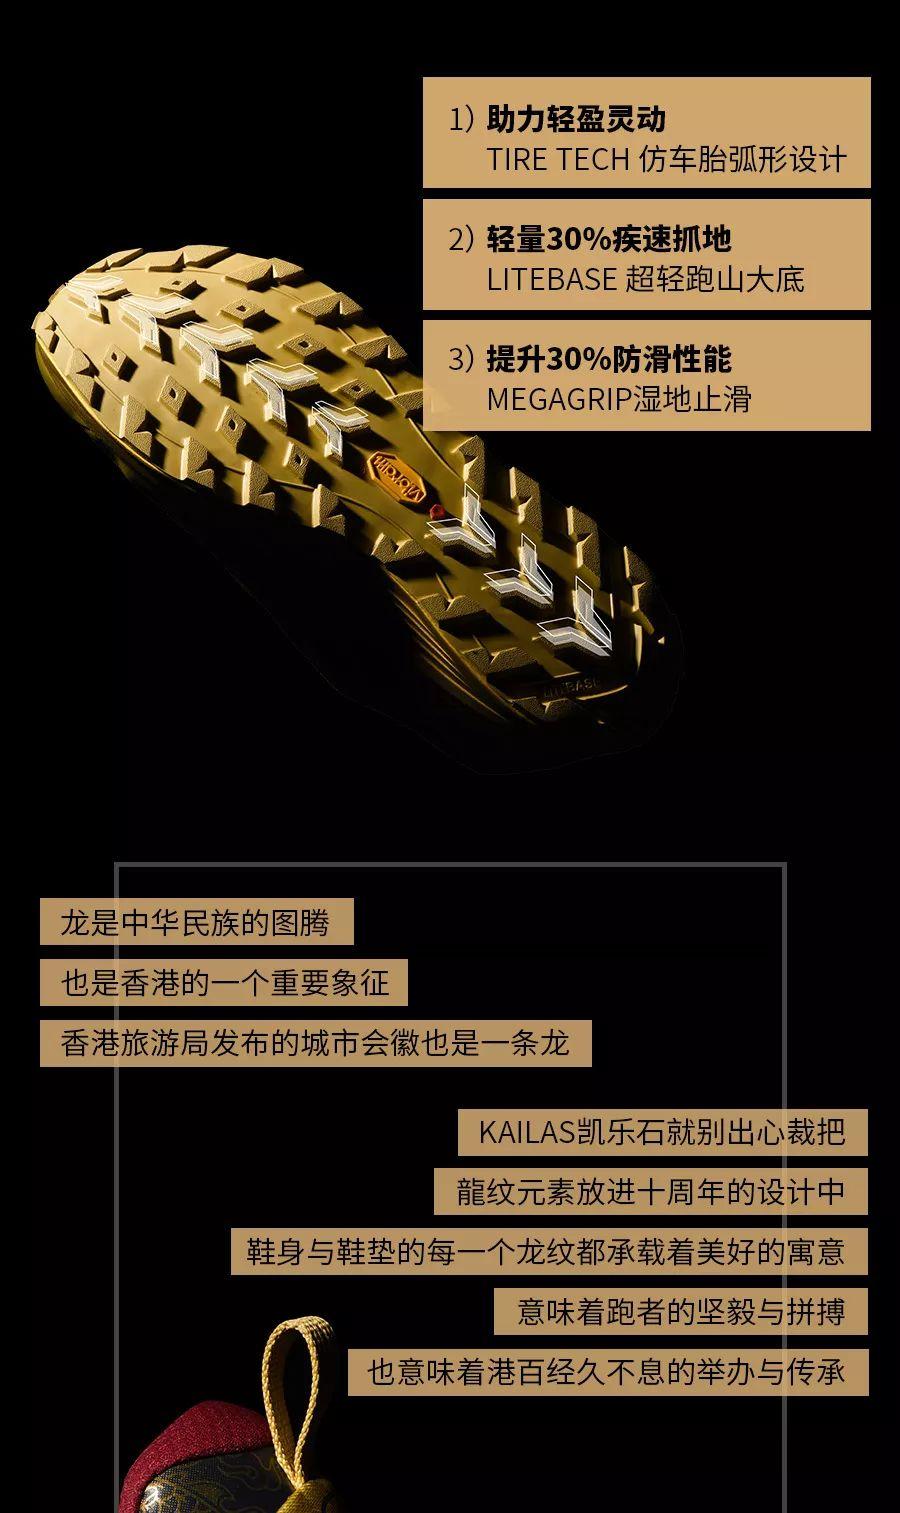 百里挑一2020_2020港百即将出签!HK100十周年纪念系列限量版装备预售开启!_杭马